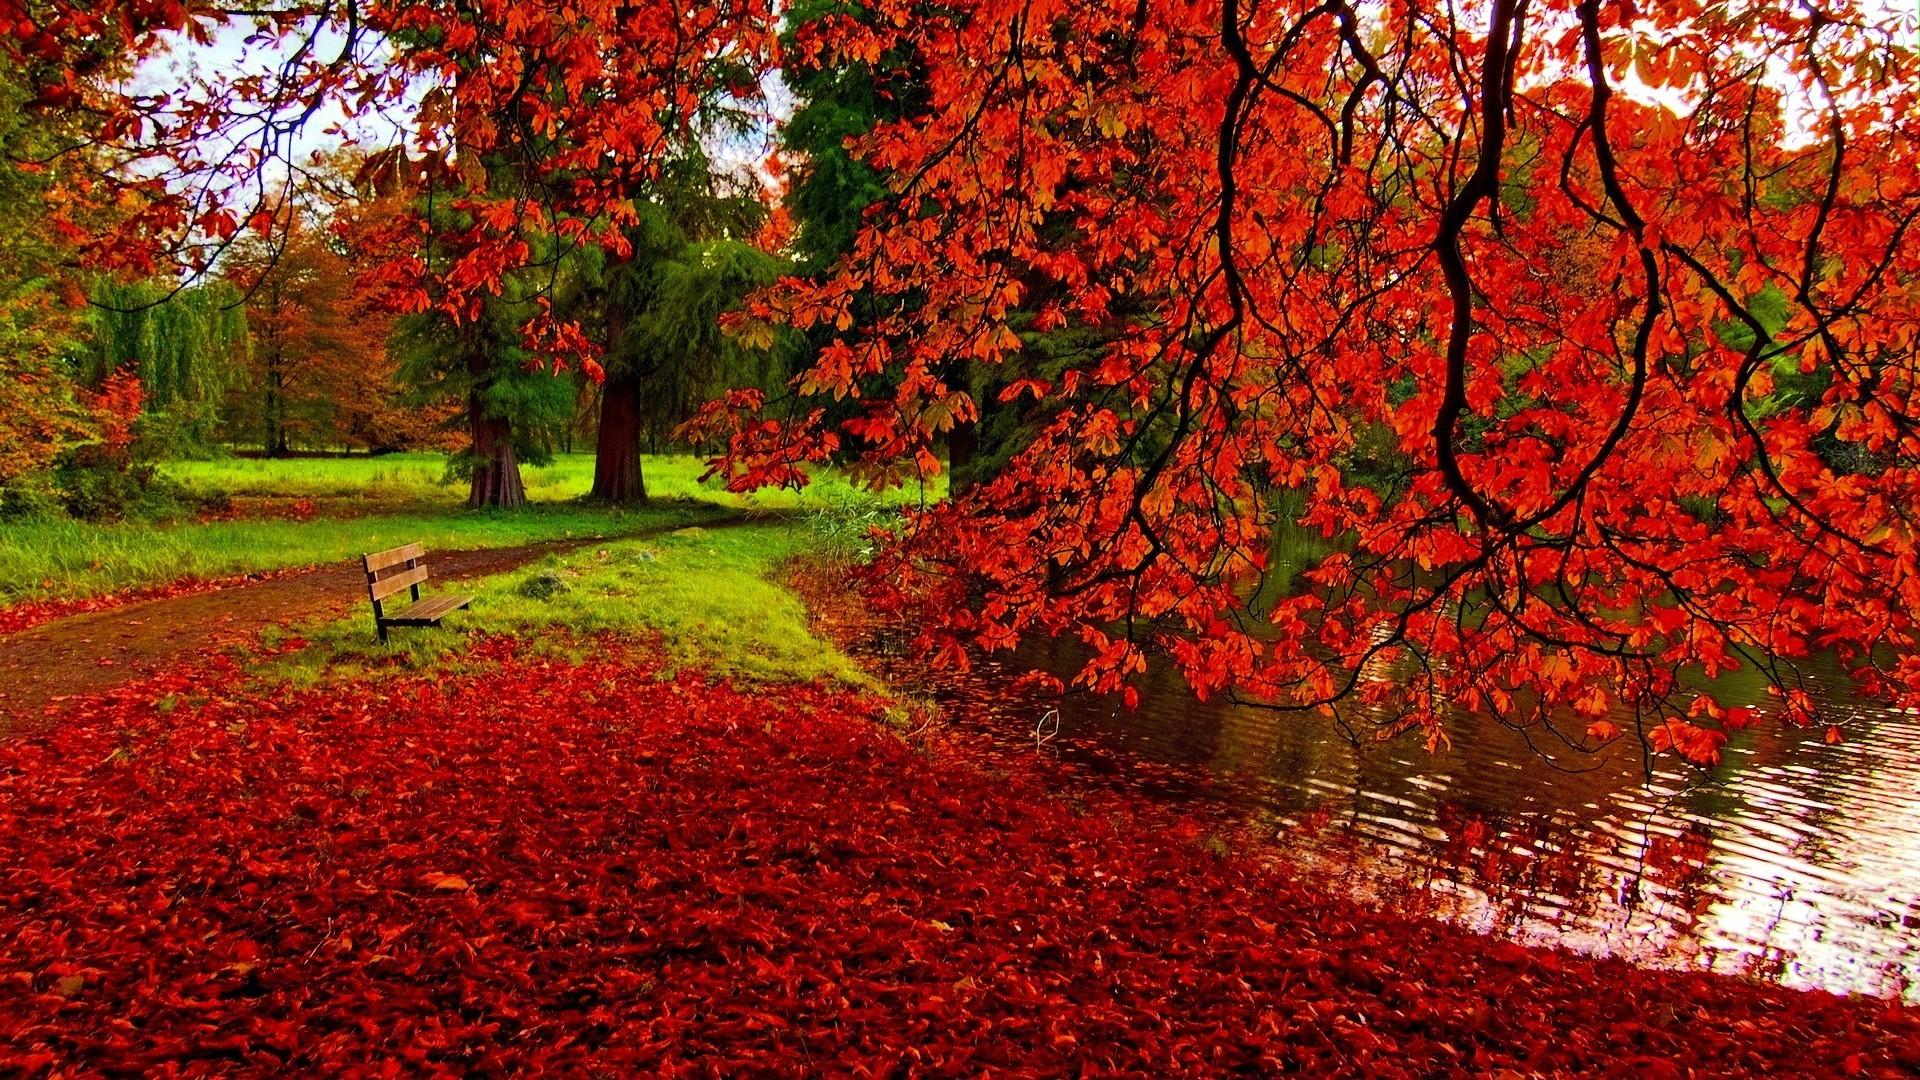 Fall Leaves Desktop Wallpaper Fall Leaves Wallpaper Backgrounds Fall #8191